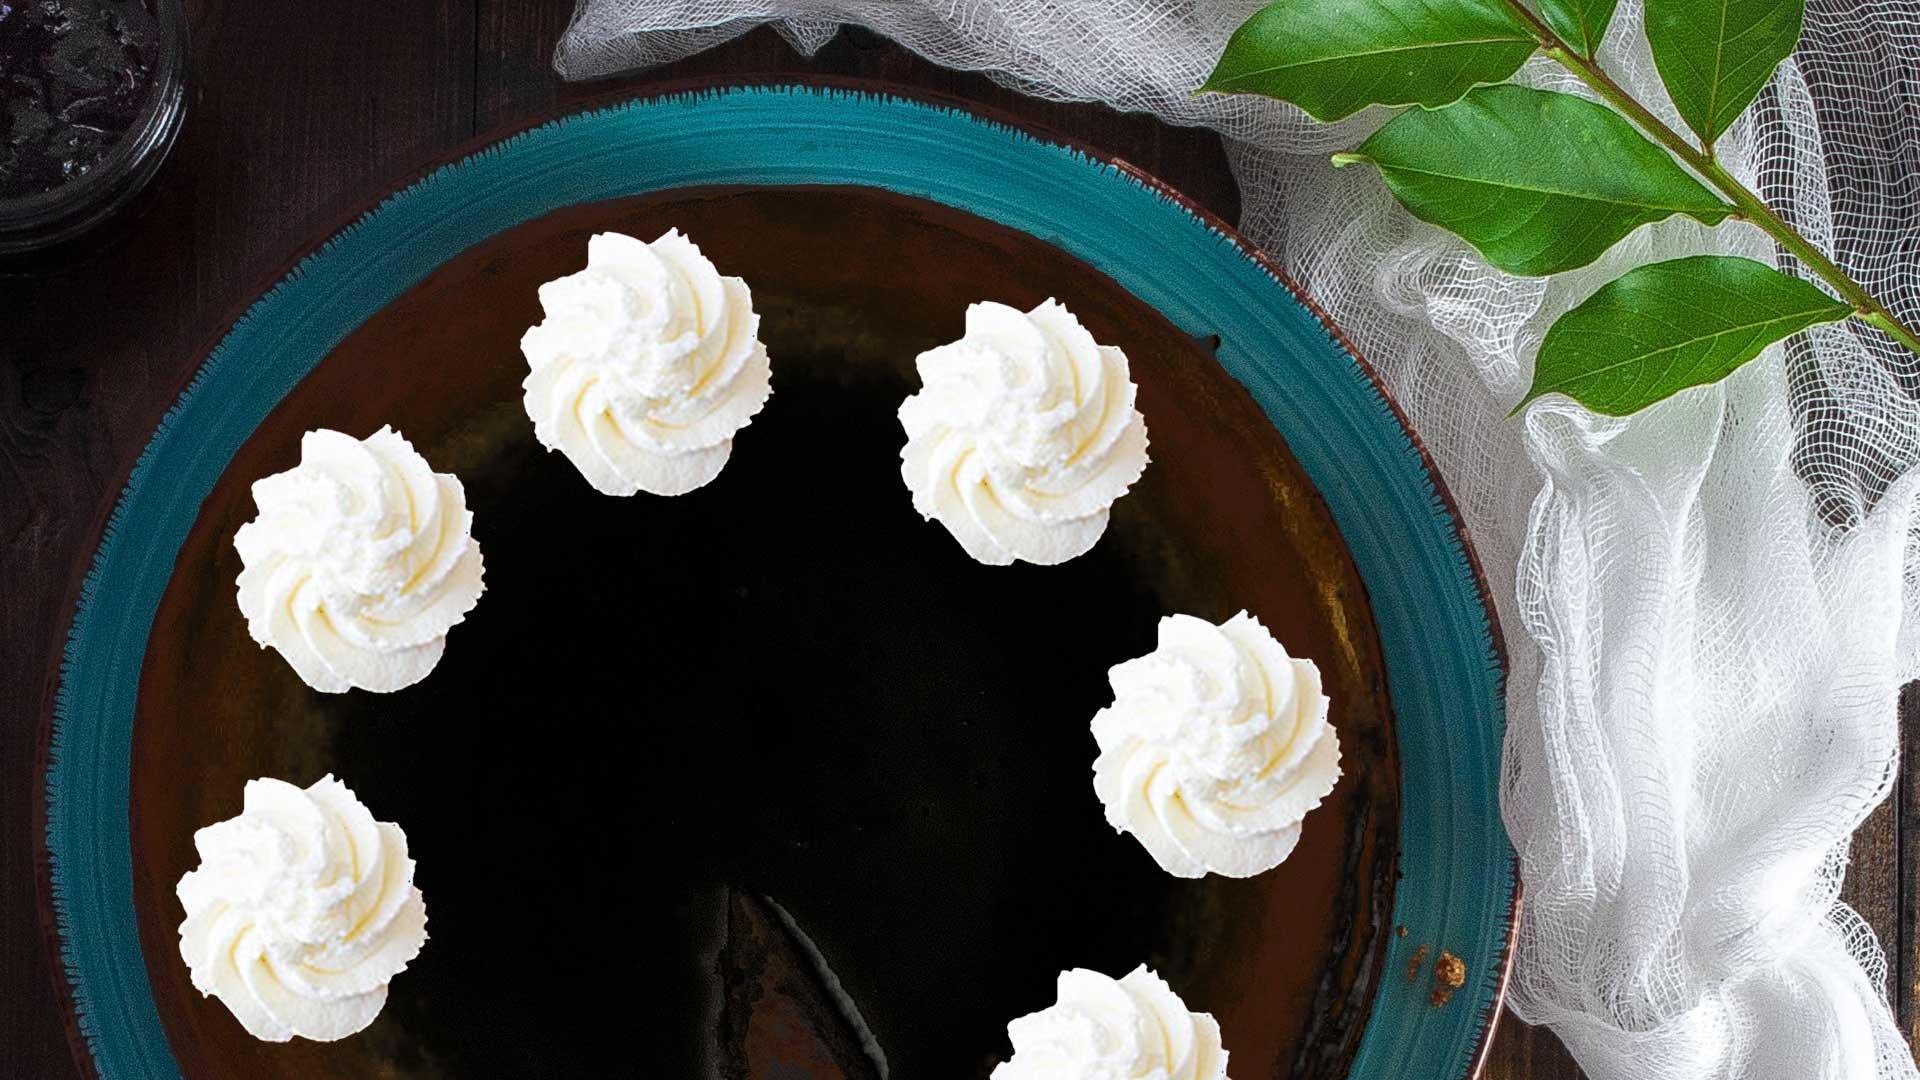 foodjoy-sweet-bakery-laboratorio-pasticceria-cantu-brioches-pasticcini-cheesecake-cioccolato-001